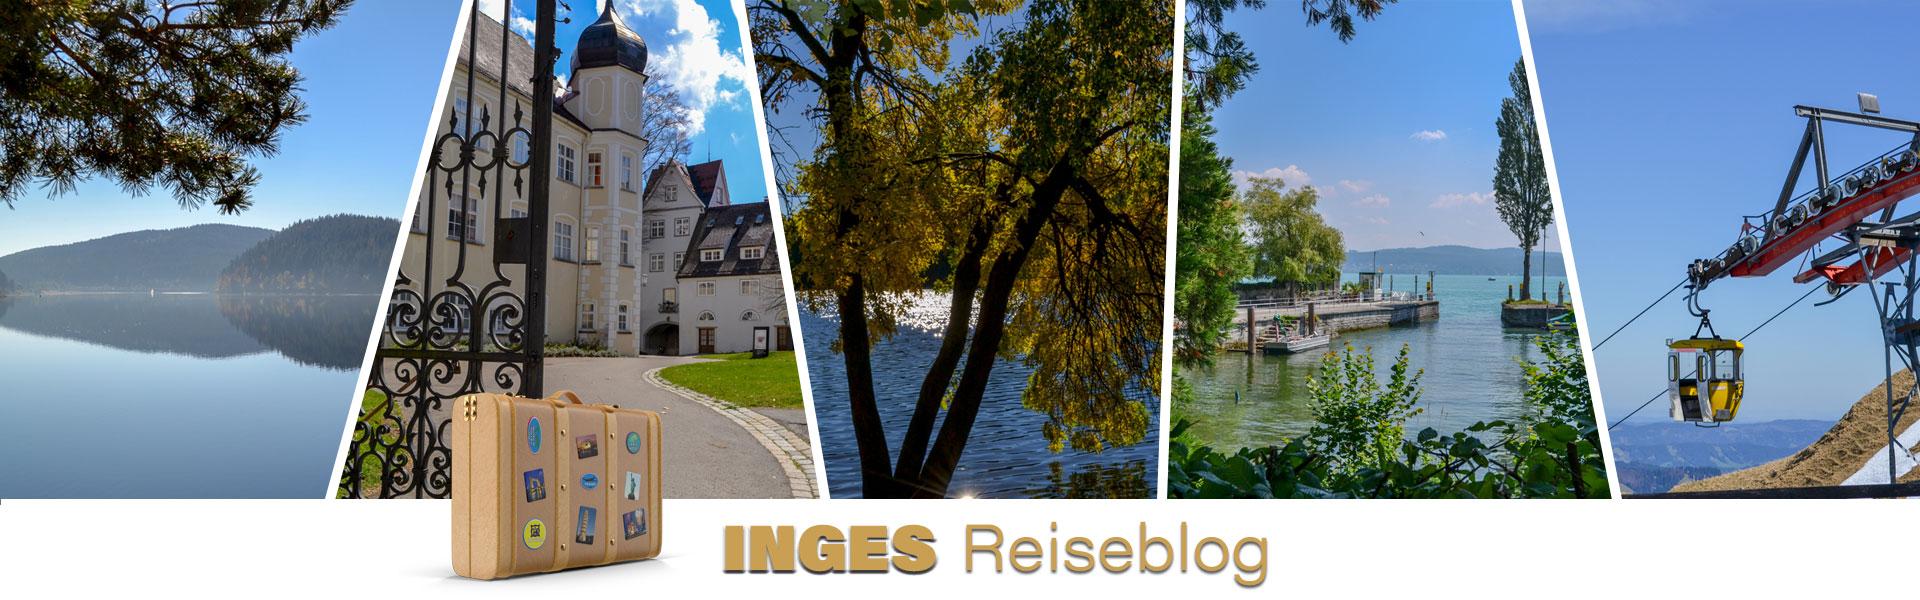 Inges-Reiseblog